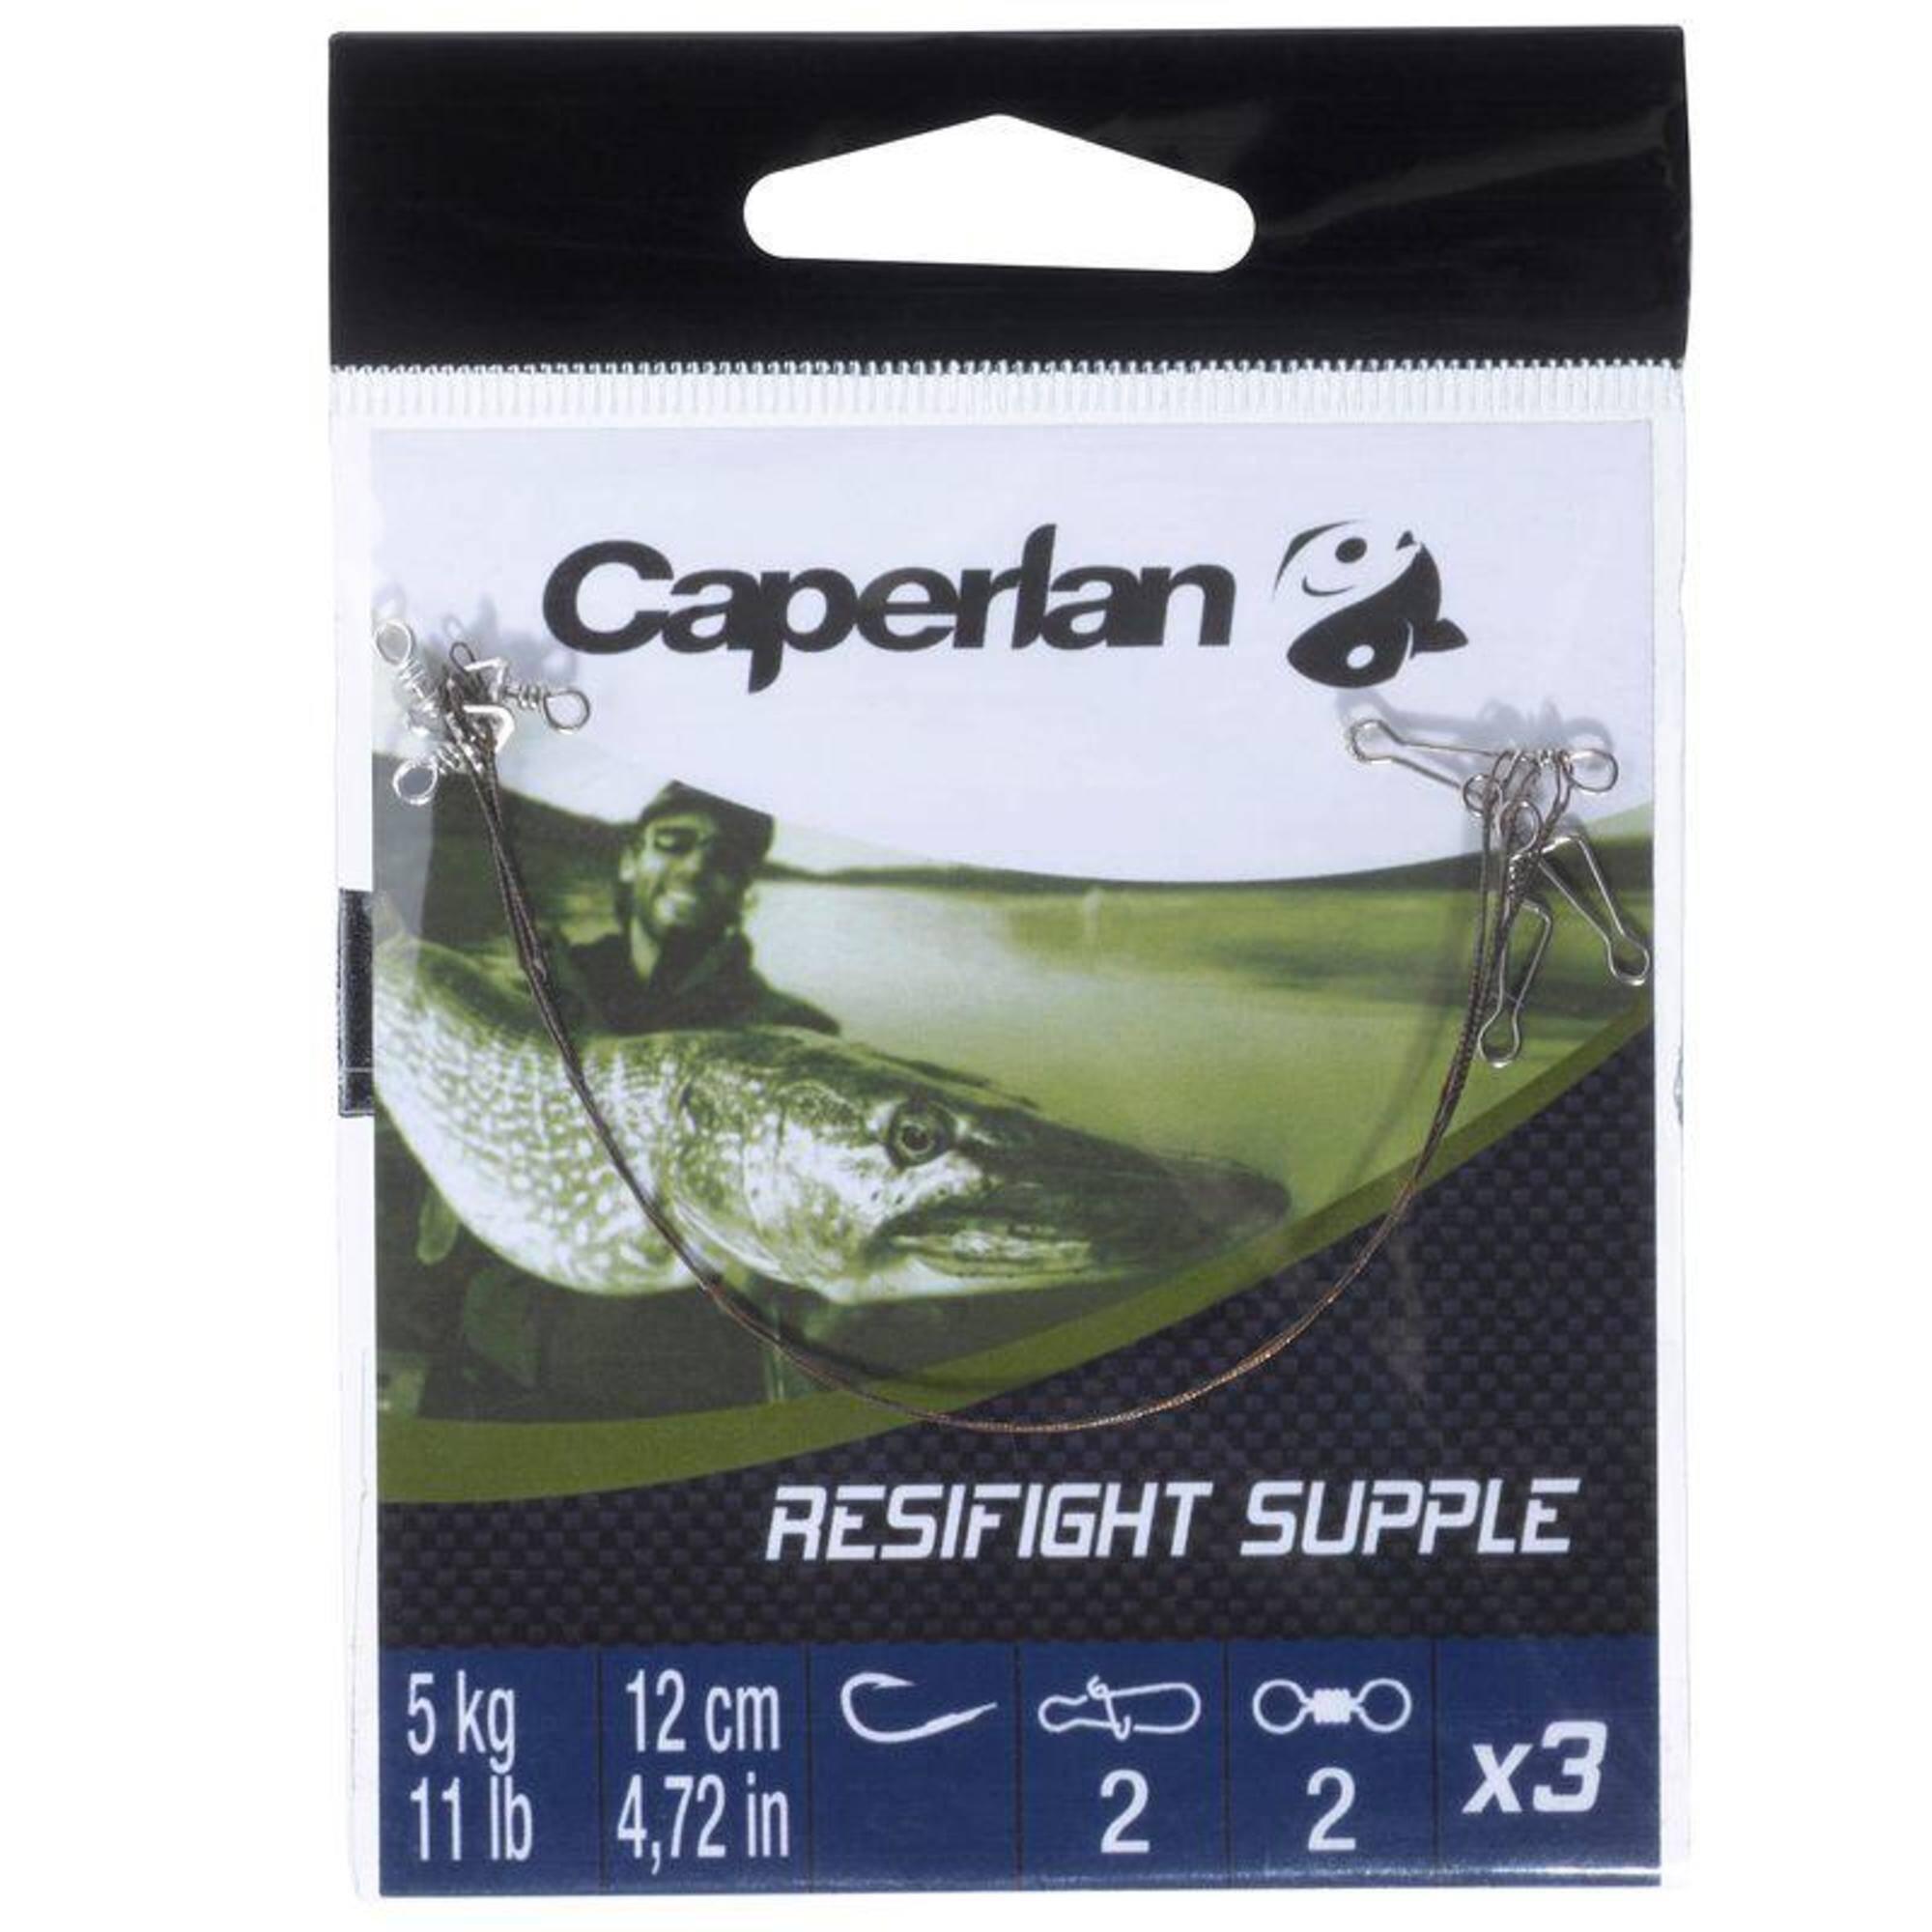 HÁČKY, NÁVAZCE Rybolov - RESIFIGHT OHEBNÝ 5 KG CAPERLAN - Rybářské vybavení